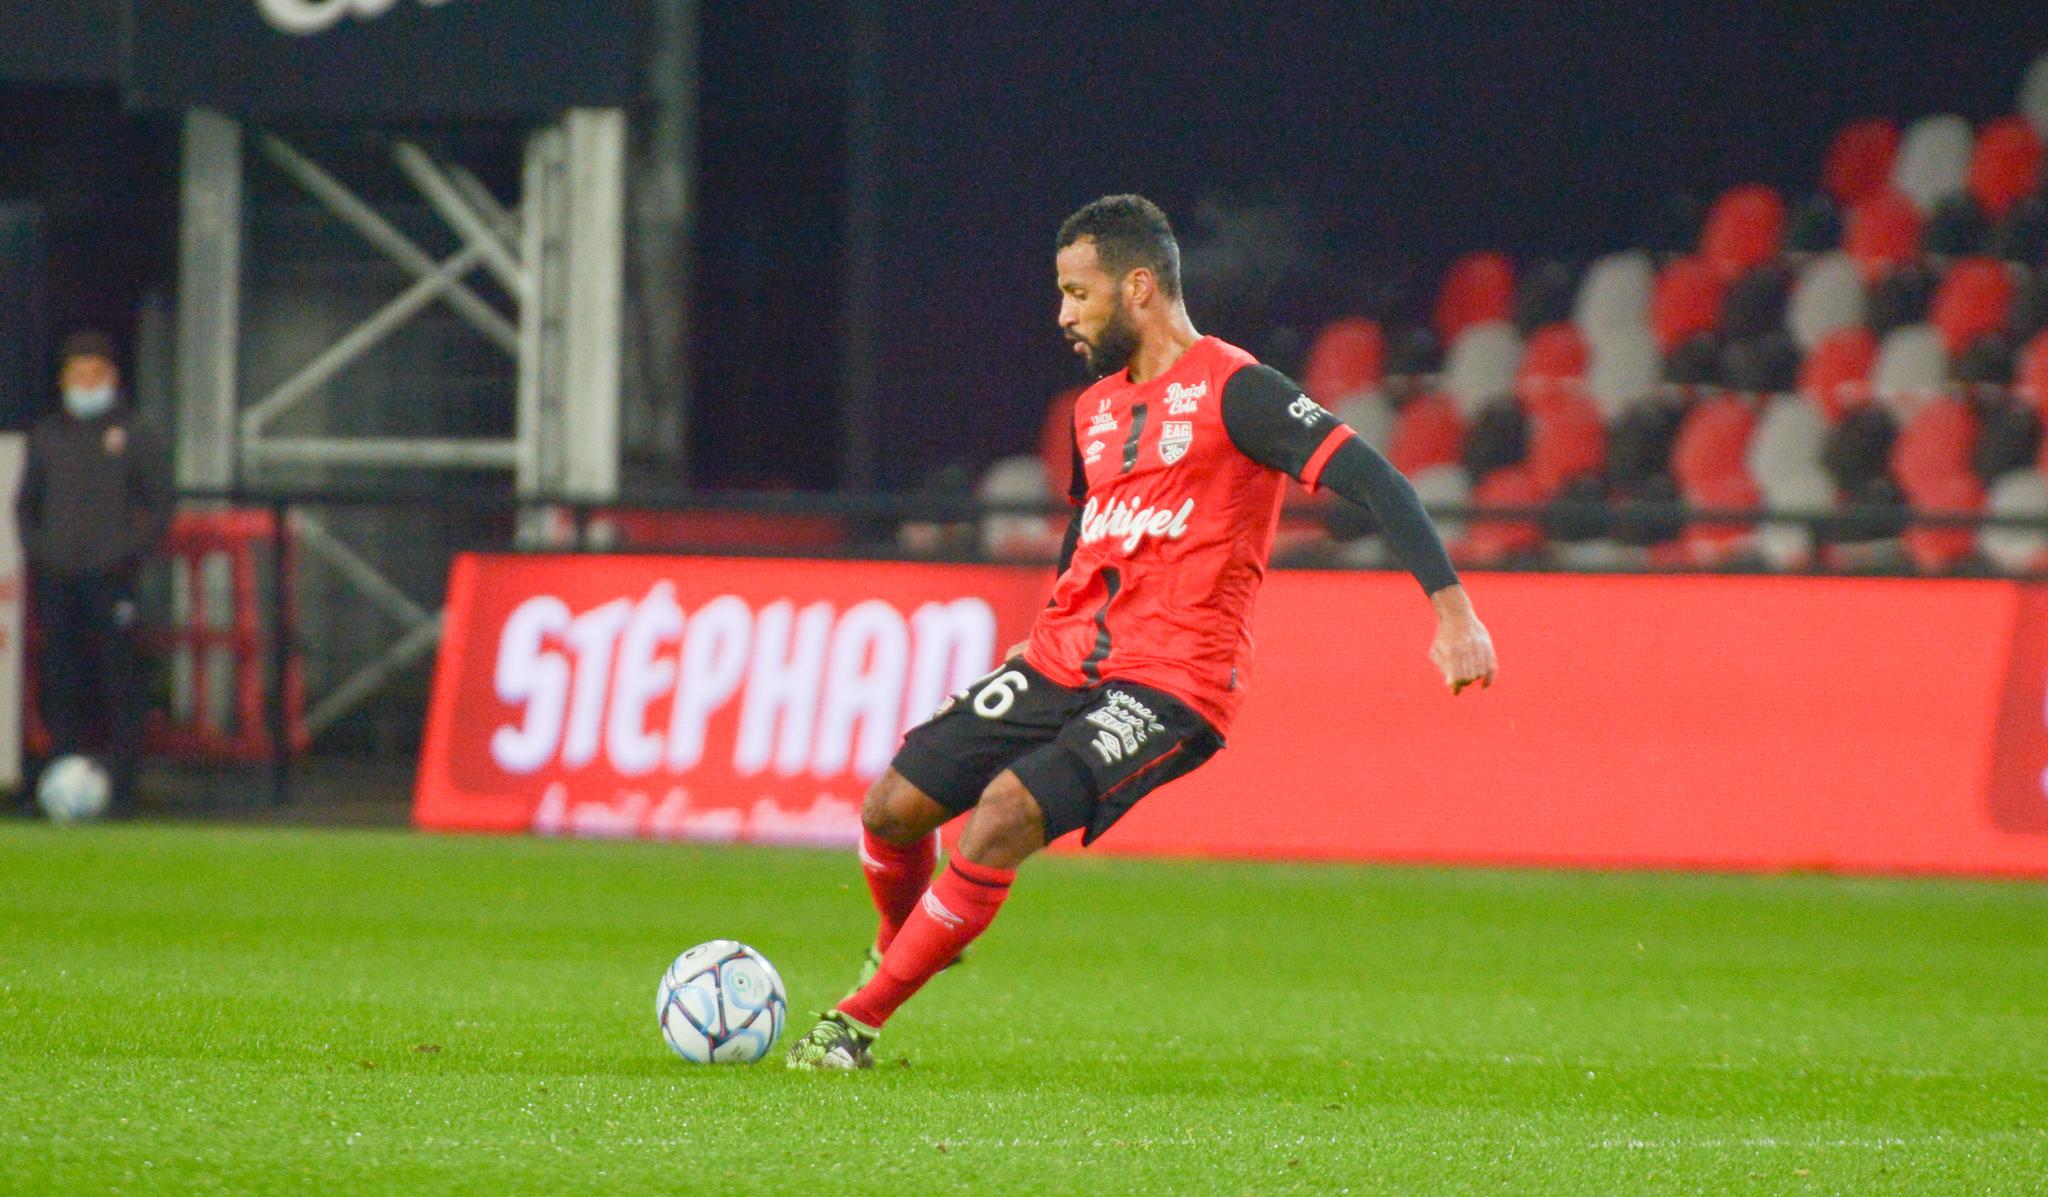 30 EA Guingamp SM Caen 2-2 Ligue 2 BKT Journée 26 2020-21 22 02 2021 EAGSMC